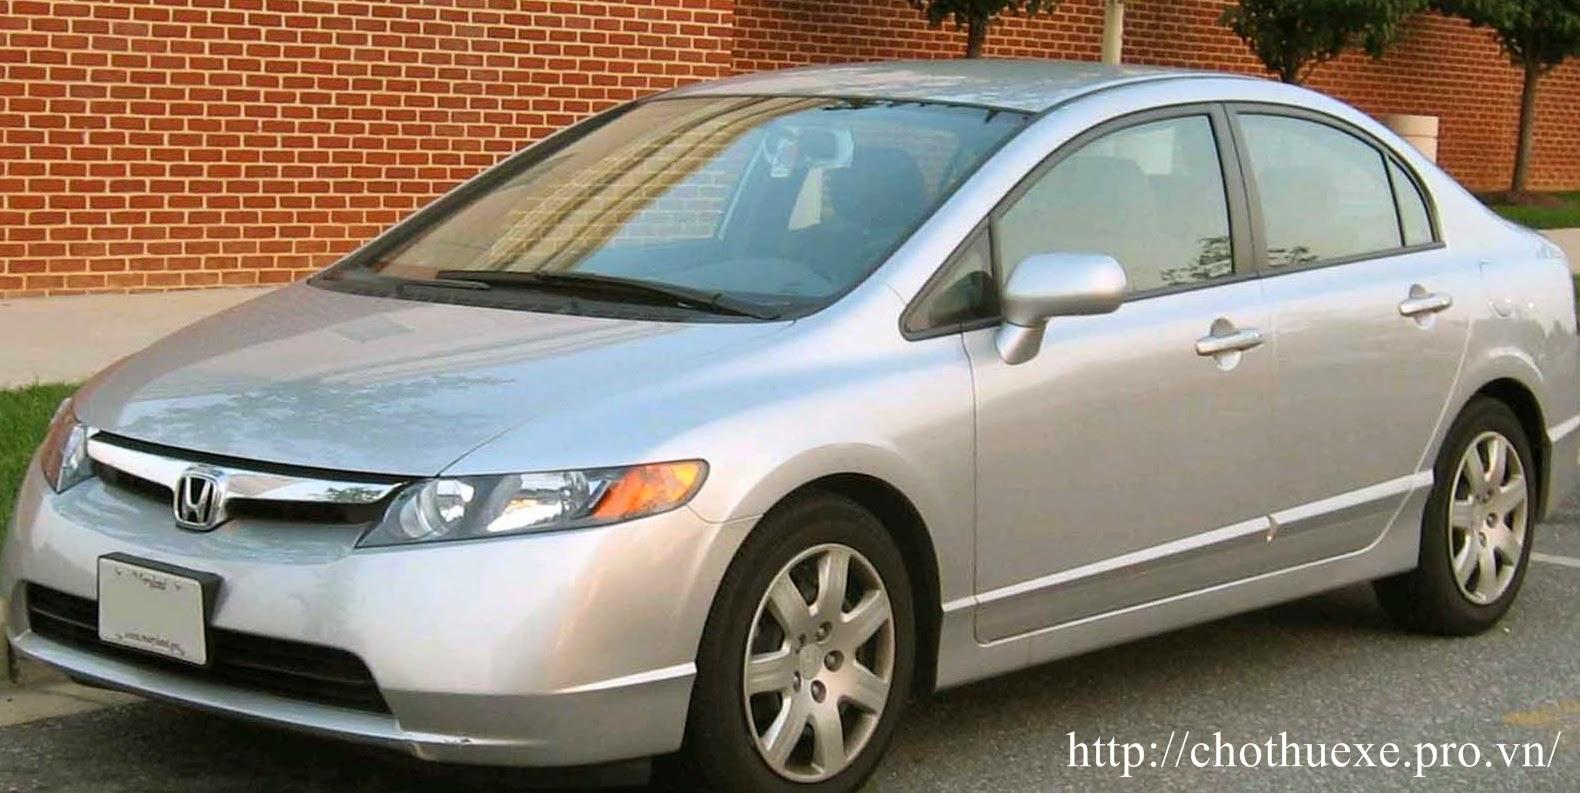 Cho thuê xe 4 chỗ Honda Civic giá rẻ tại tại hà nội